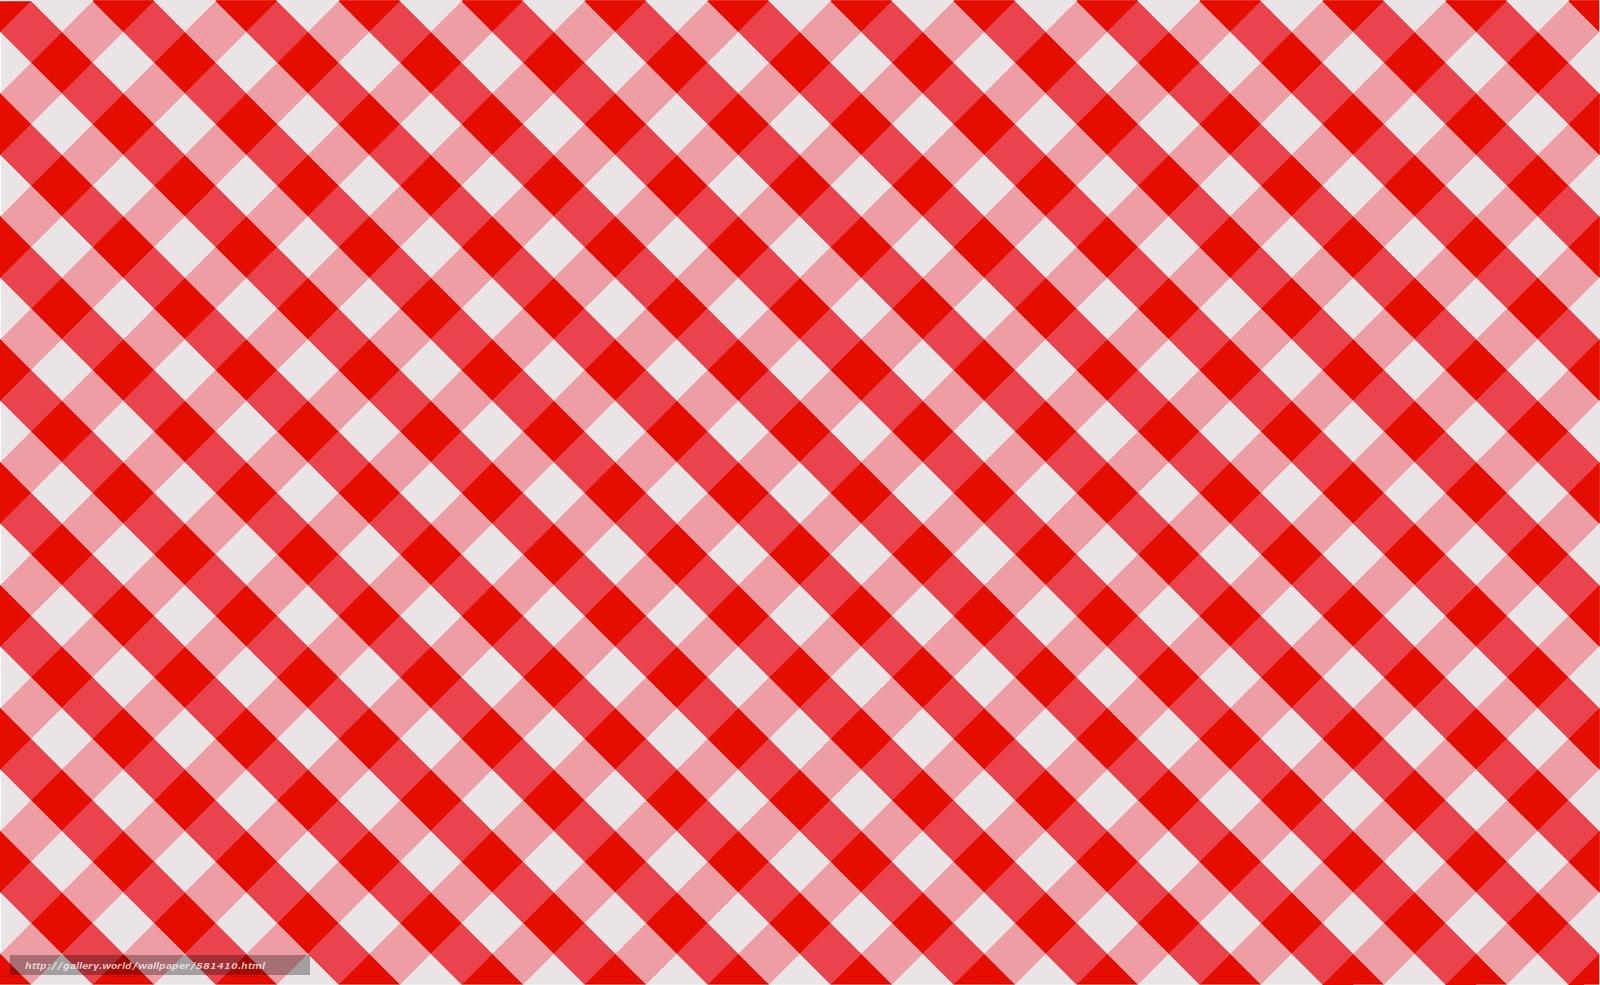 Скачать обои ткань,  красный,  обои,  клетки бесплатно для рабочего стола в разрешении 3903x2404 — картинка №581410